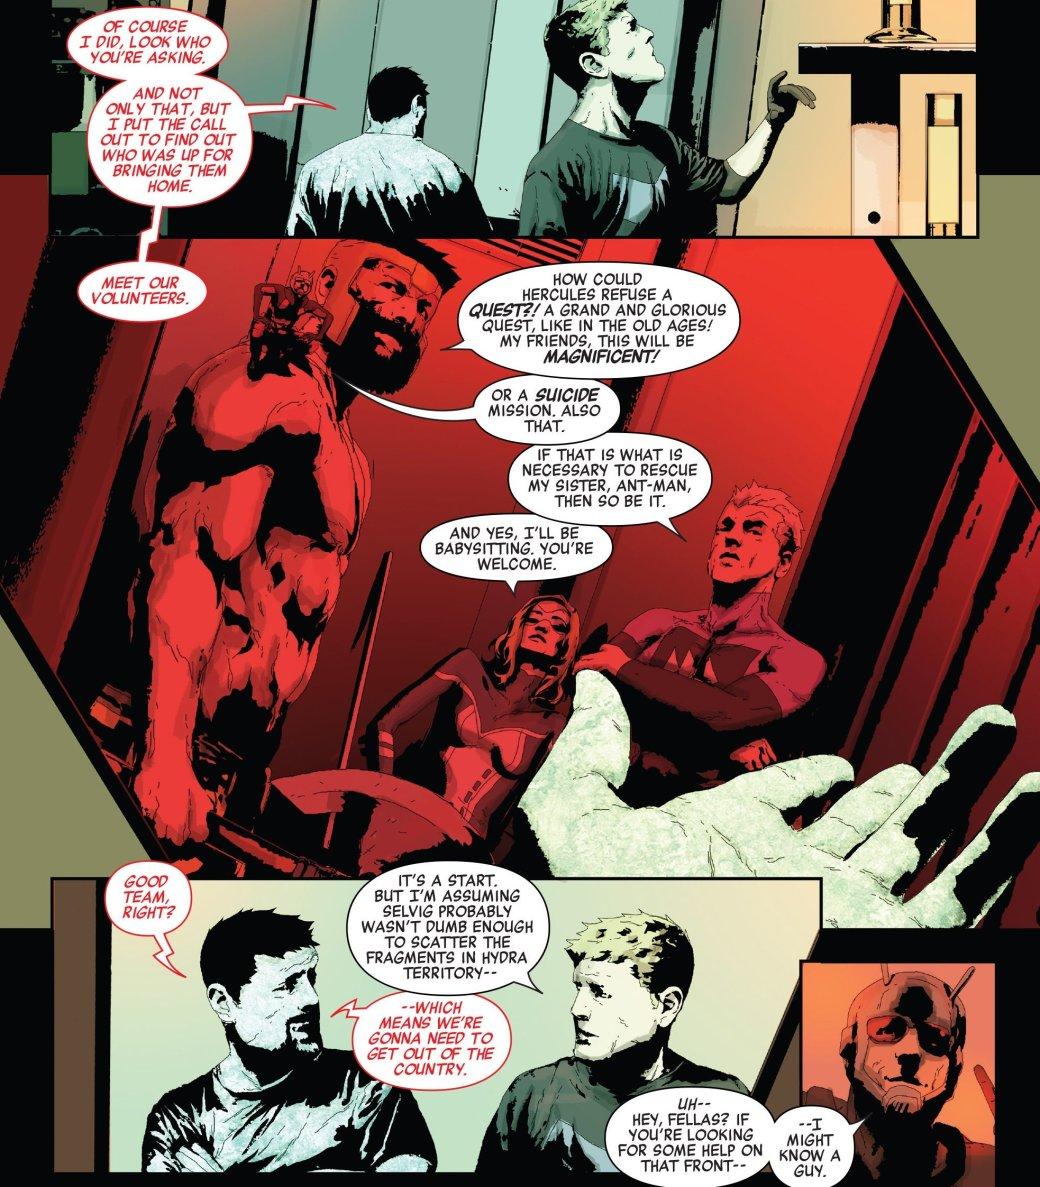 Secret Empire: Гидра сломала супергероев, и теперь они готовы убивать   Канобу - Изображение 9